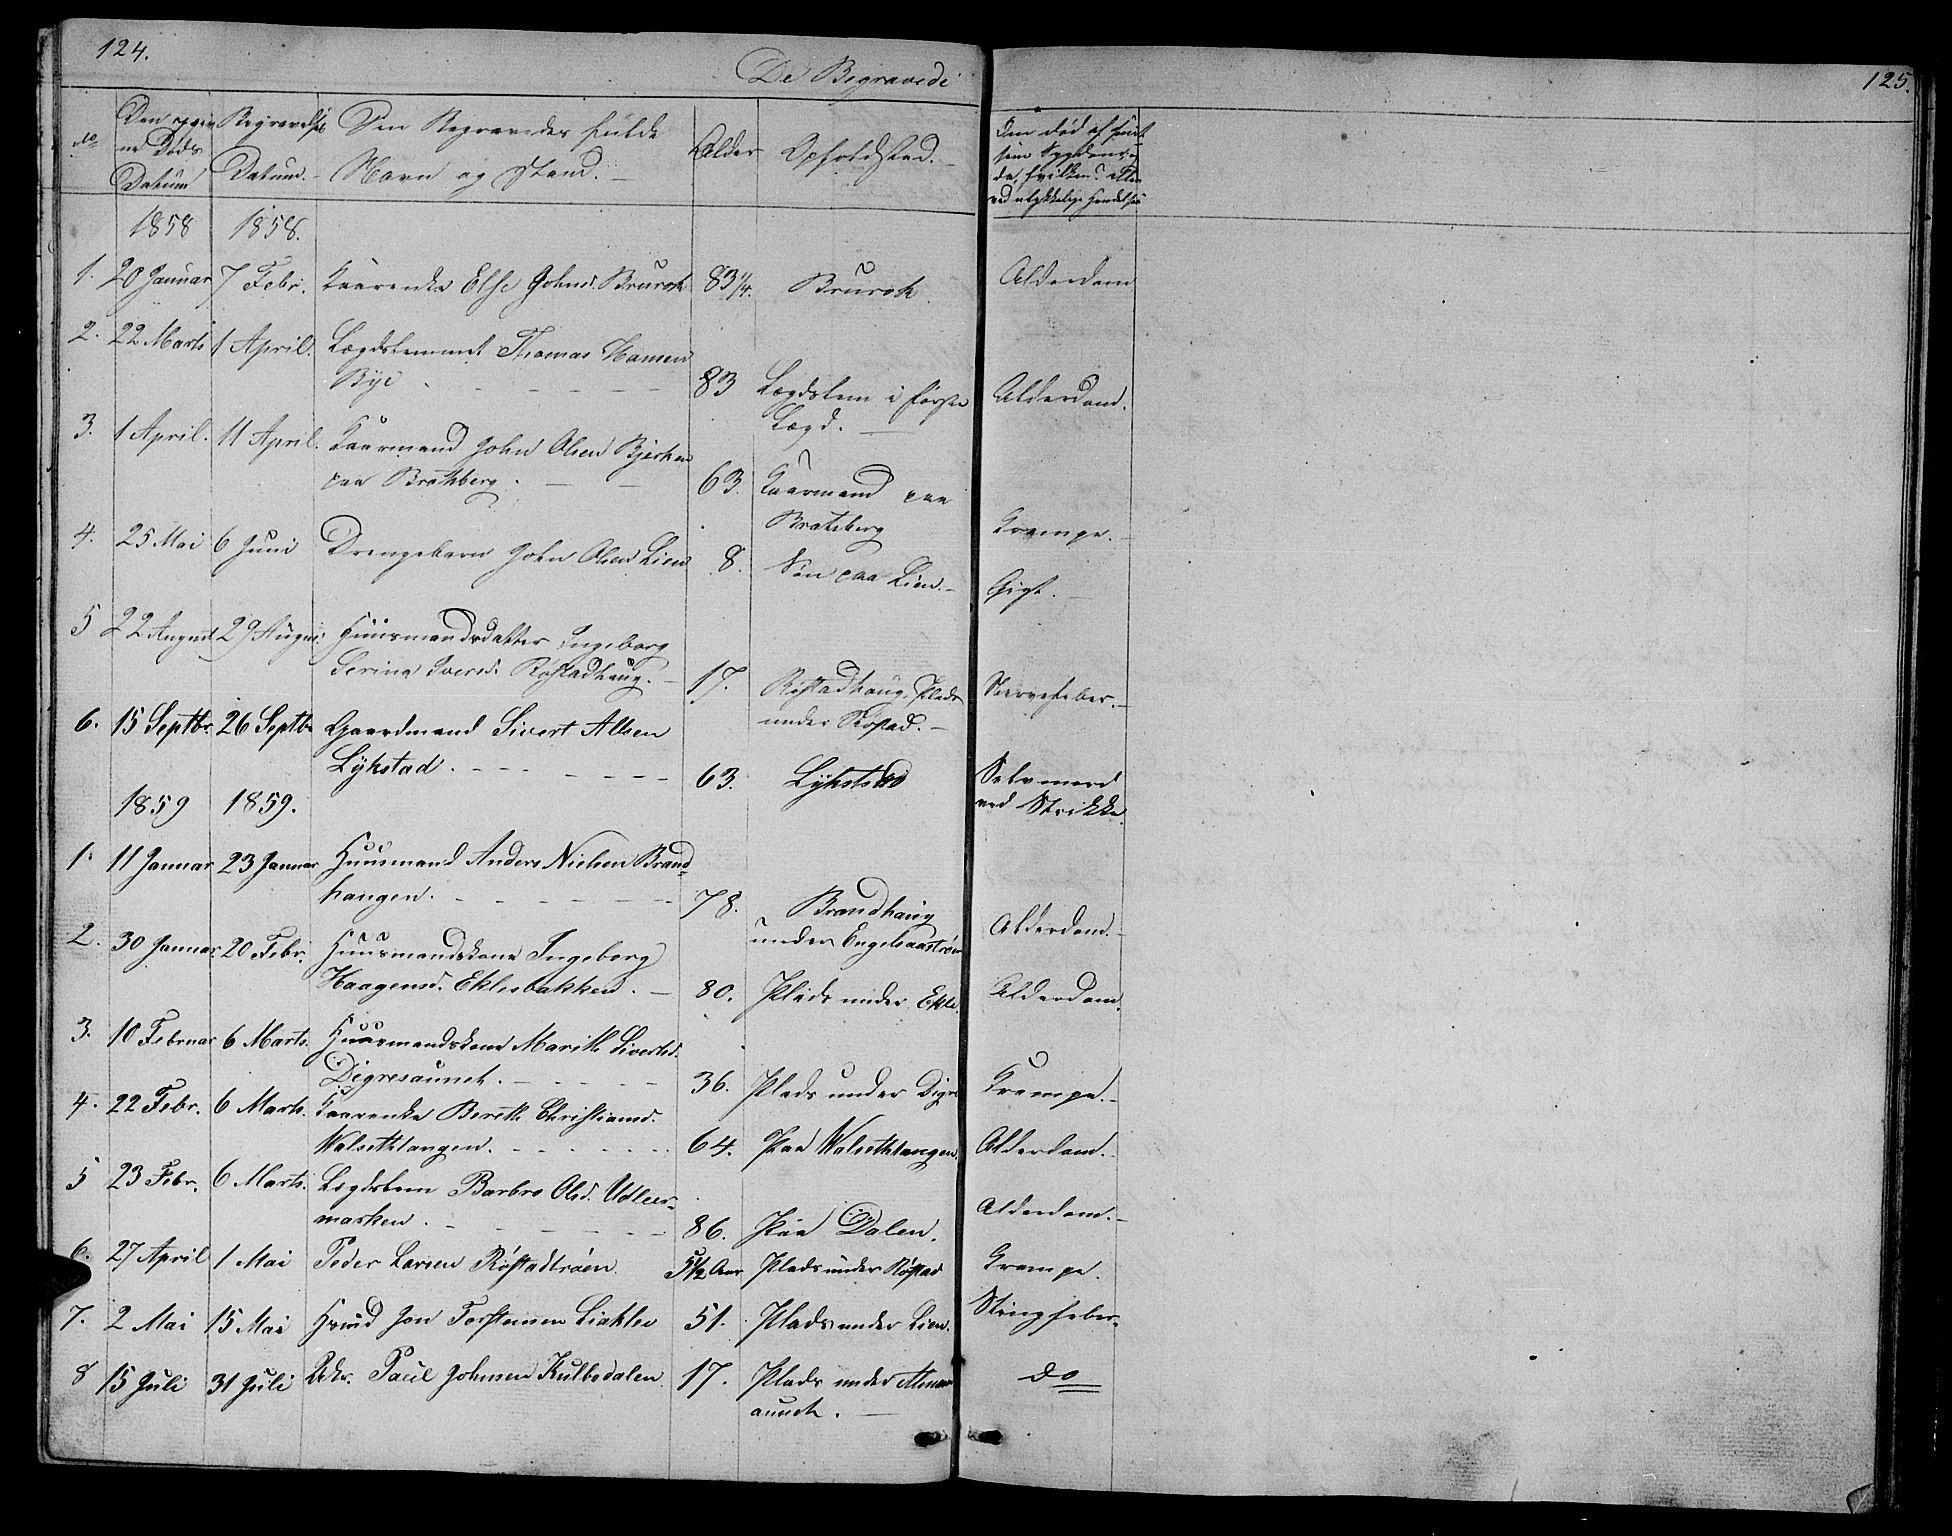 SAT, Ministerialprotokoller, klokkerbøker og fødselsregistre - Sør-Trøndelag, 608/L0339: Klokkerbok nr. 608C05, 1844-1863, s. 124-125